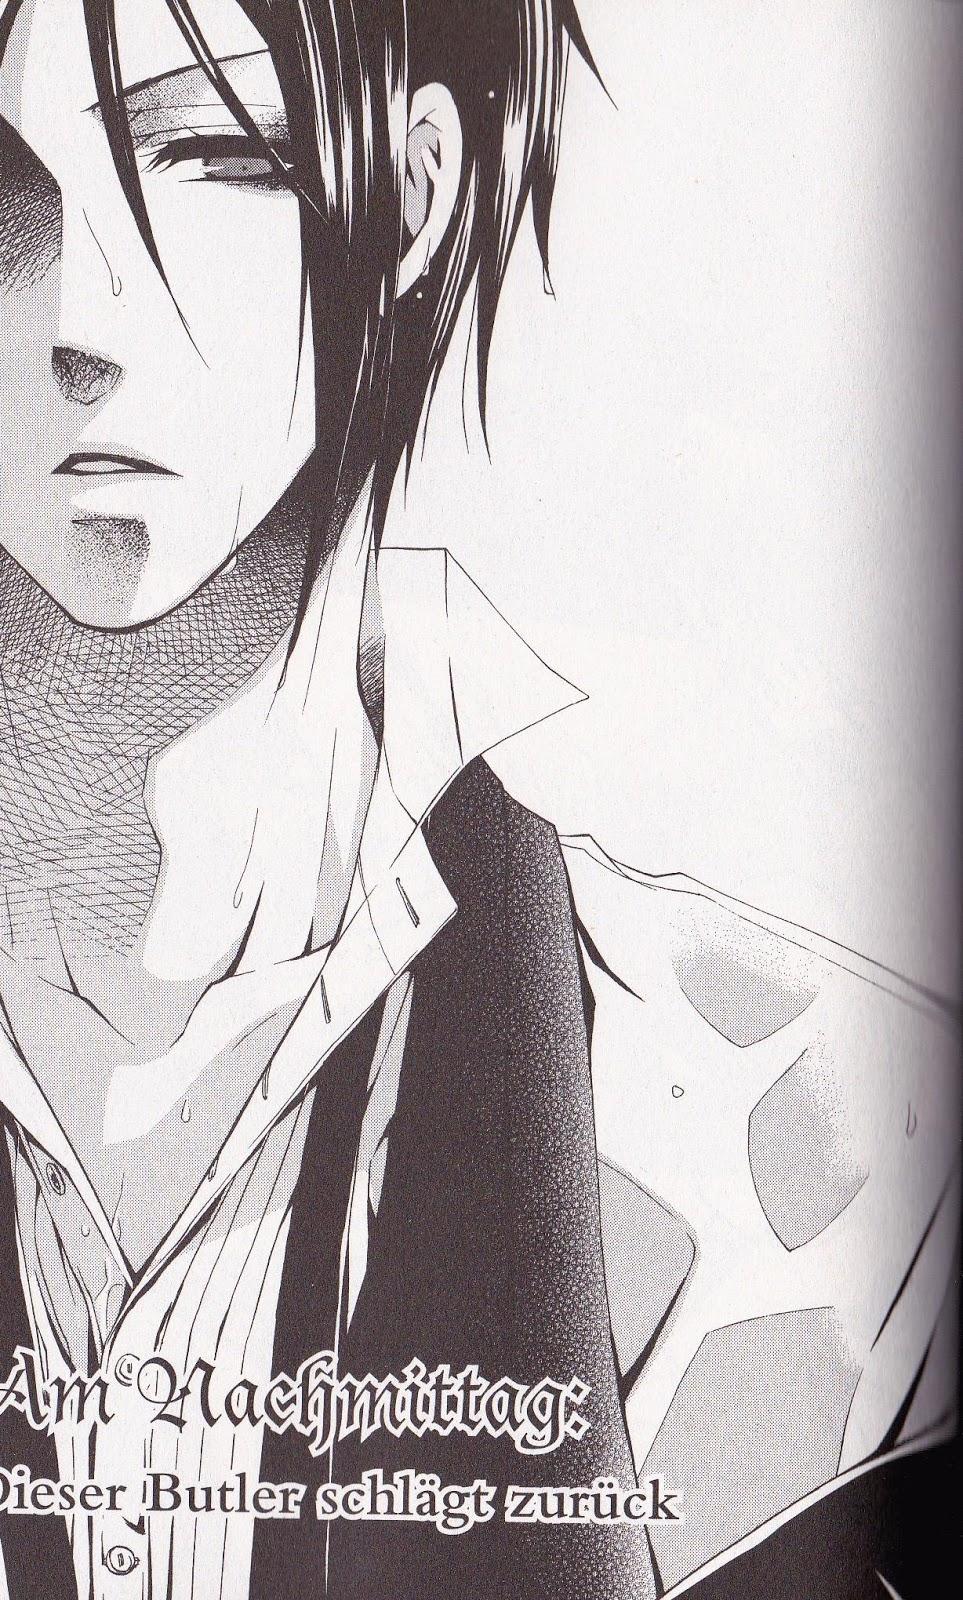 Geistig wird ein Anime-Charakter